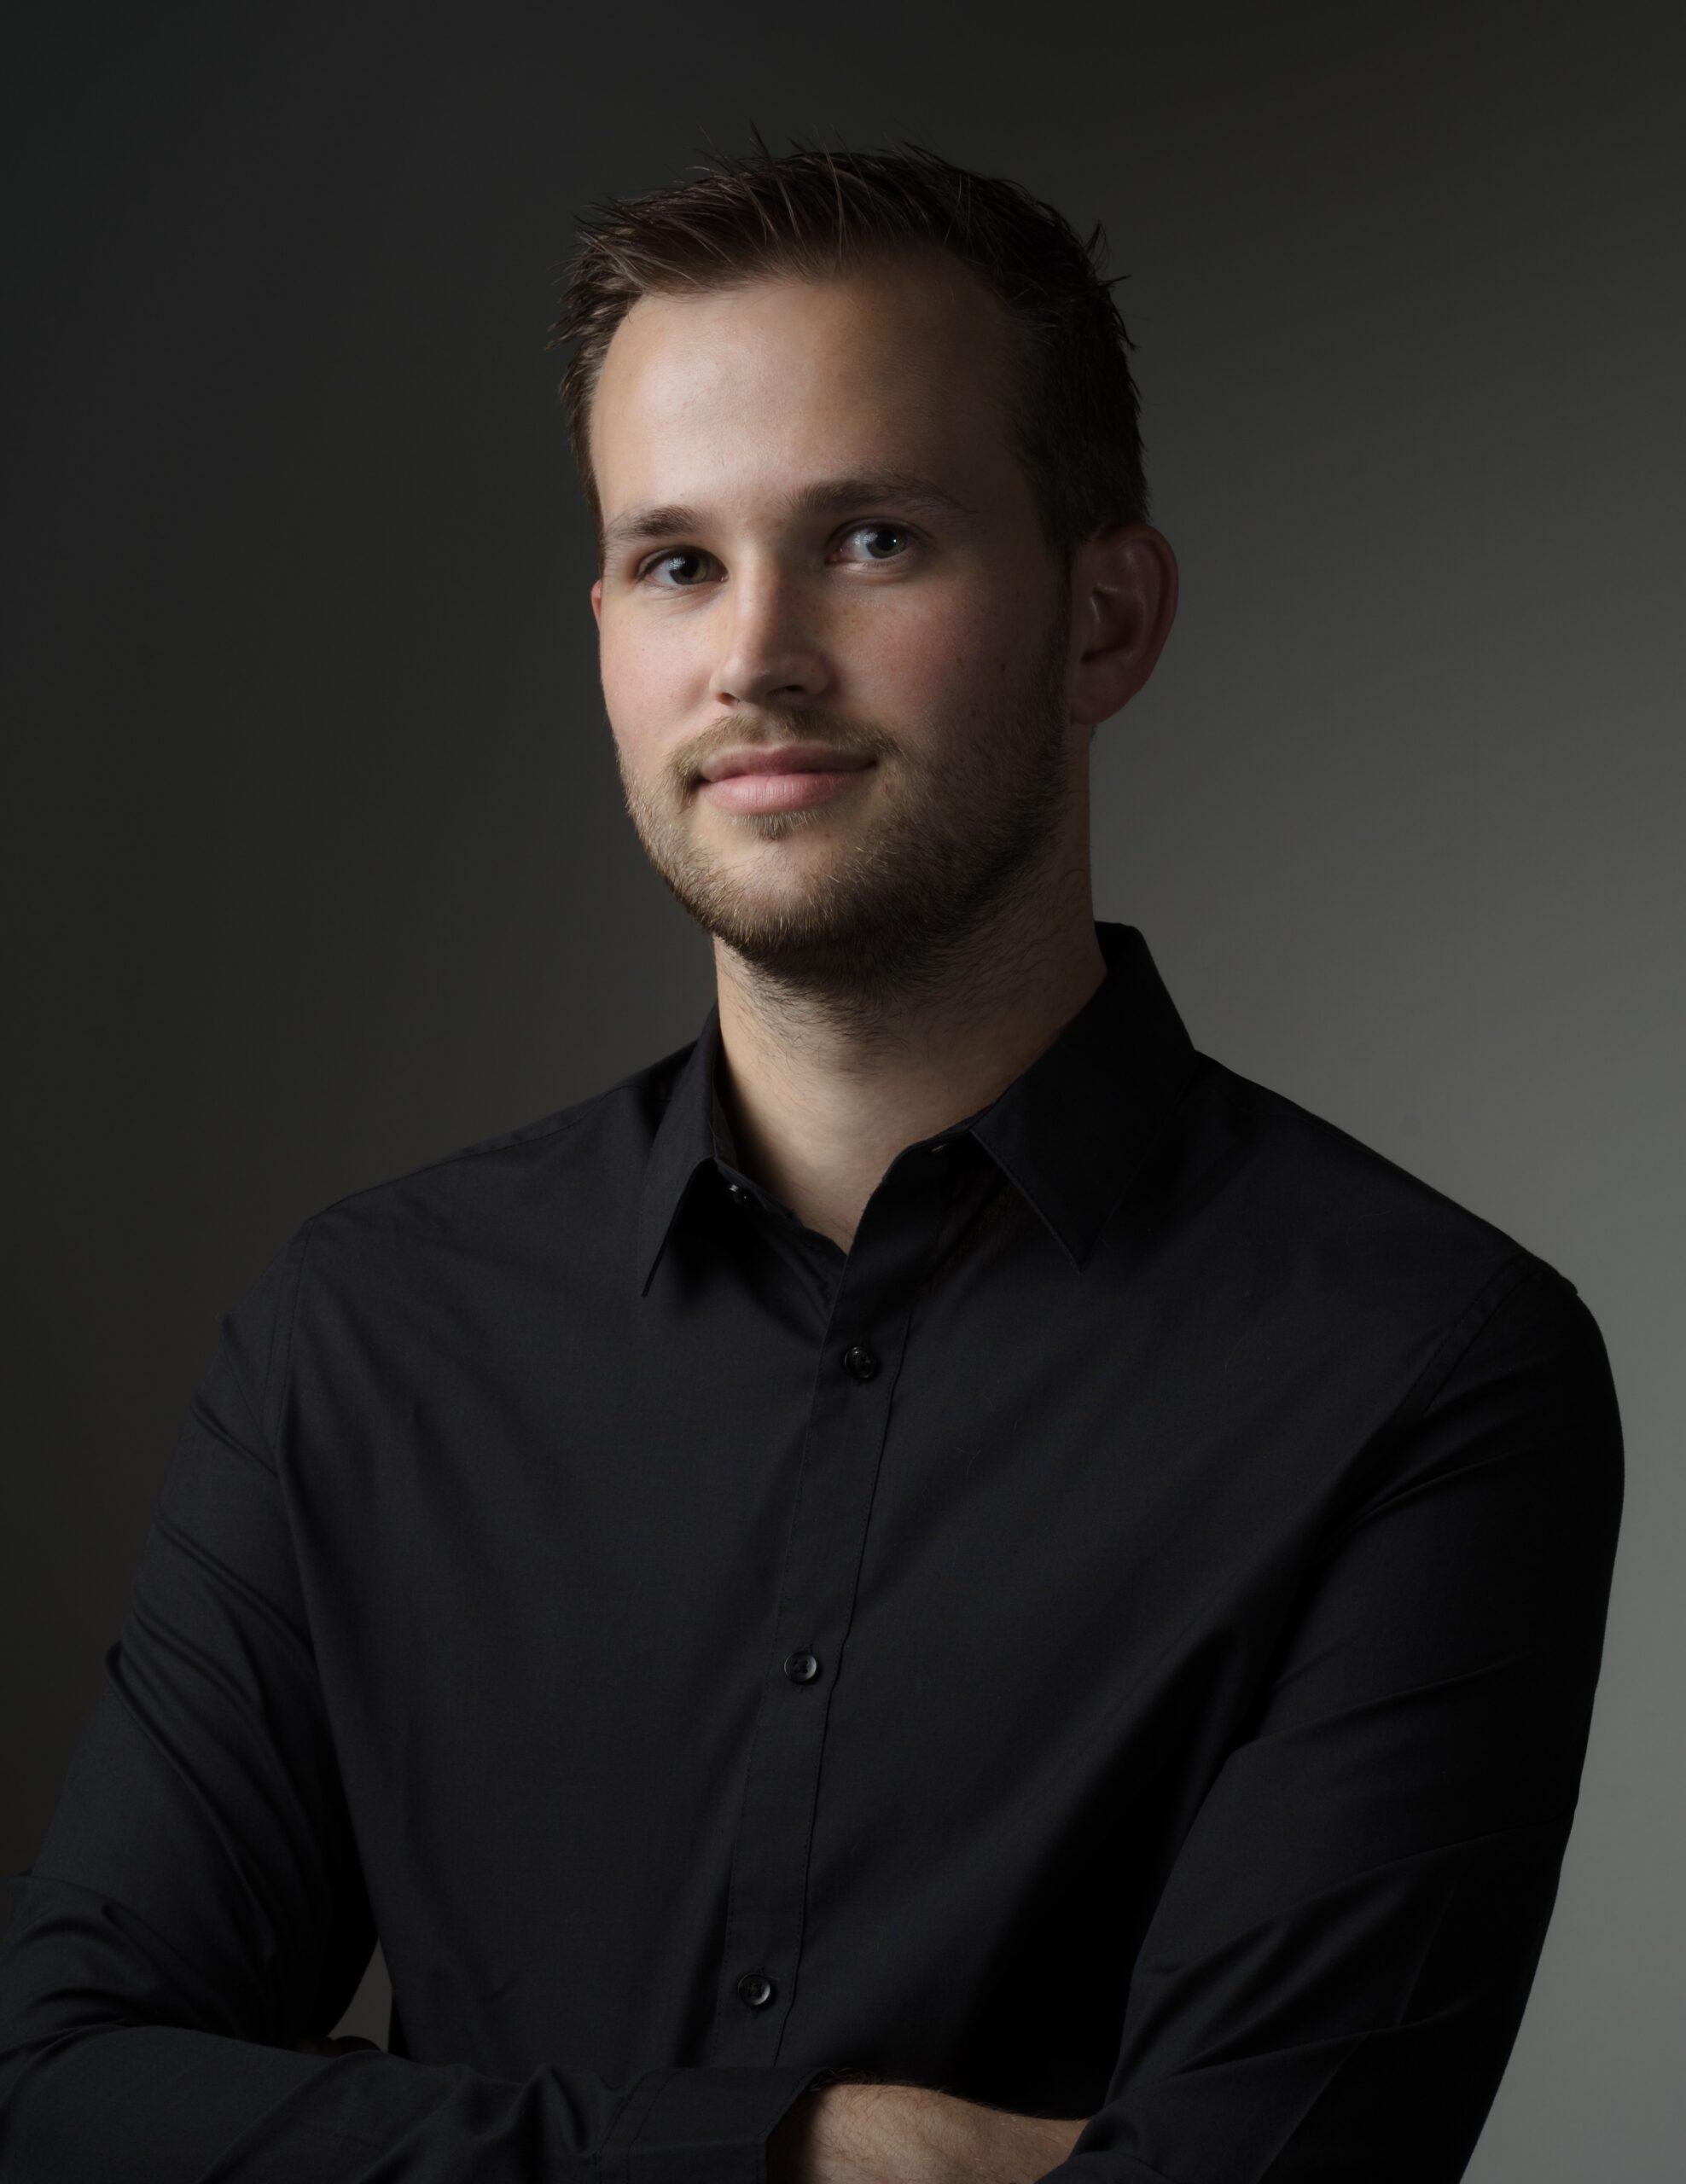 Natascha Polsbroek